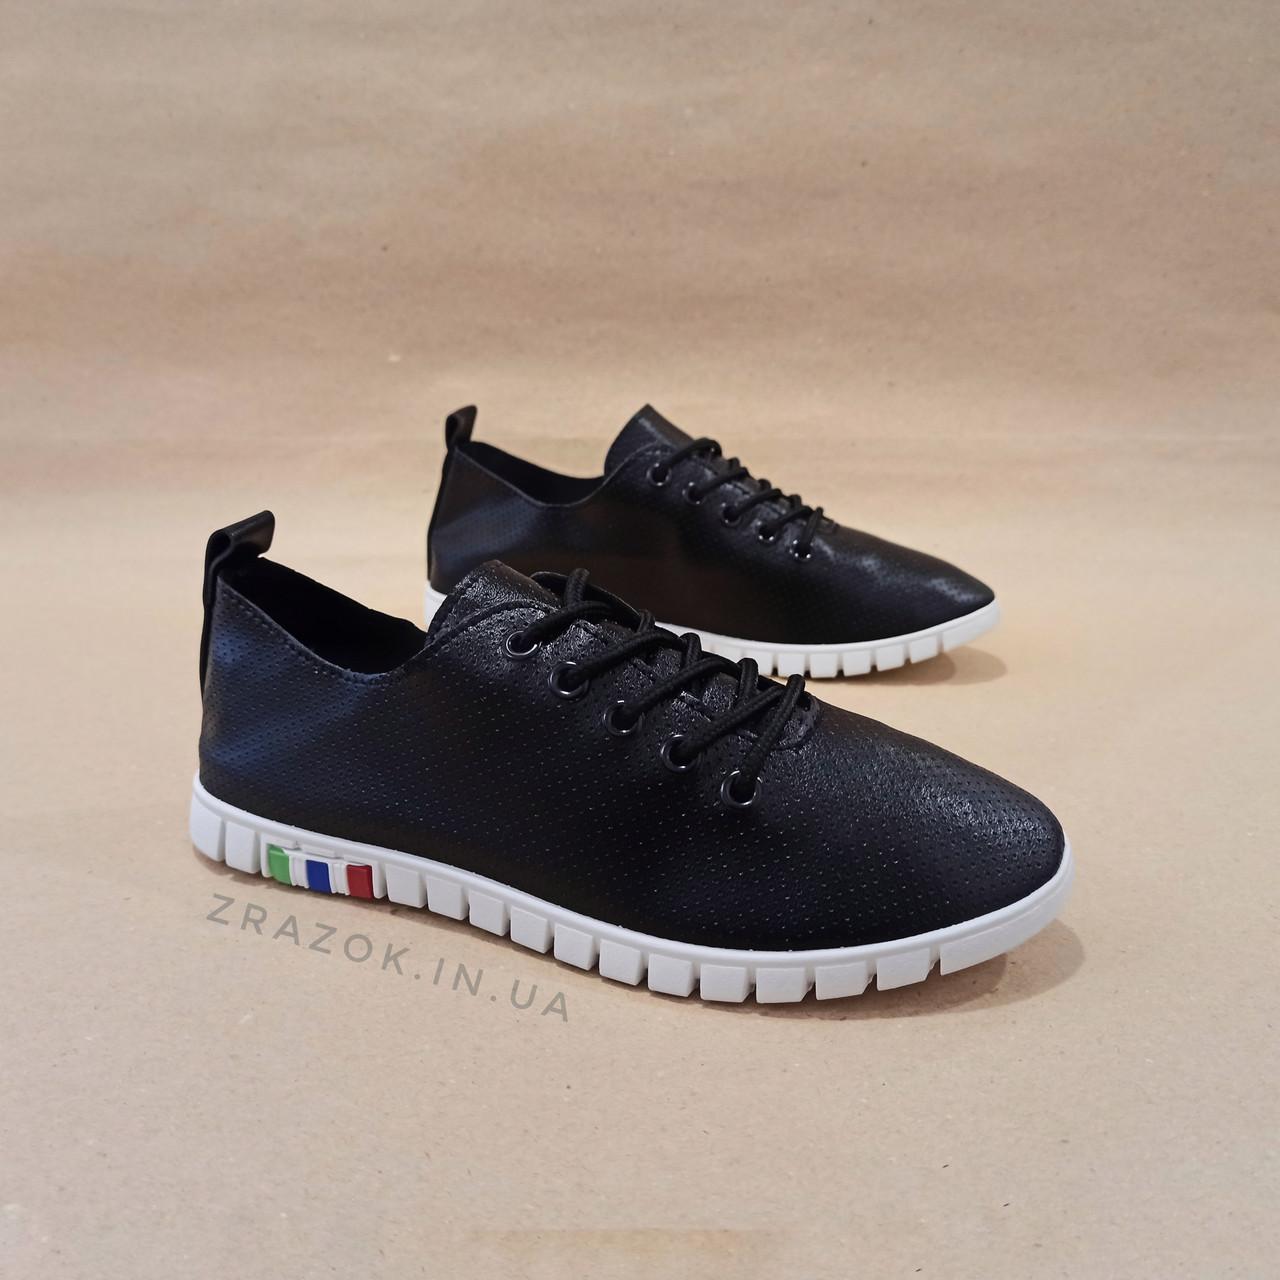 Чорні кросівки еко - шкіра текстиль сліпони мокасини легкі літні дихаючі перфорація на шнурках